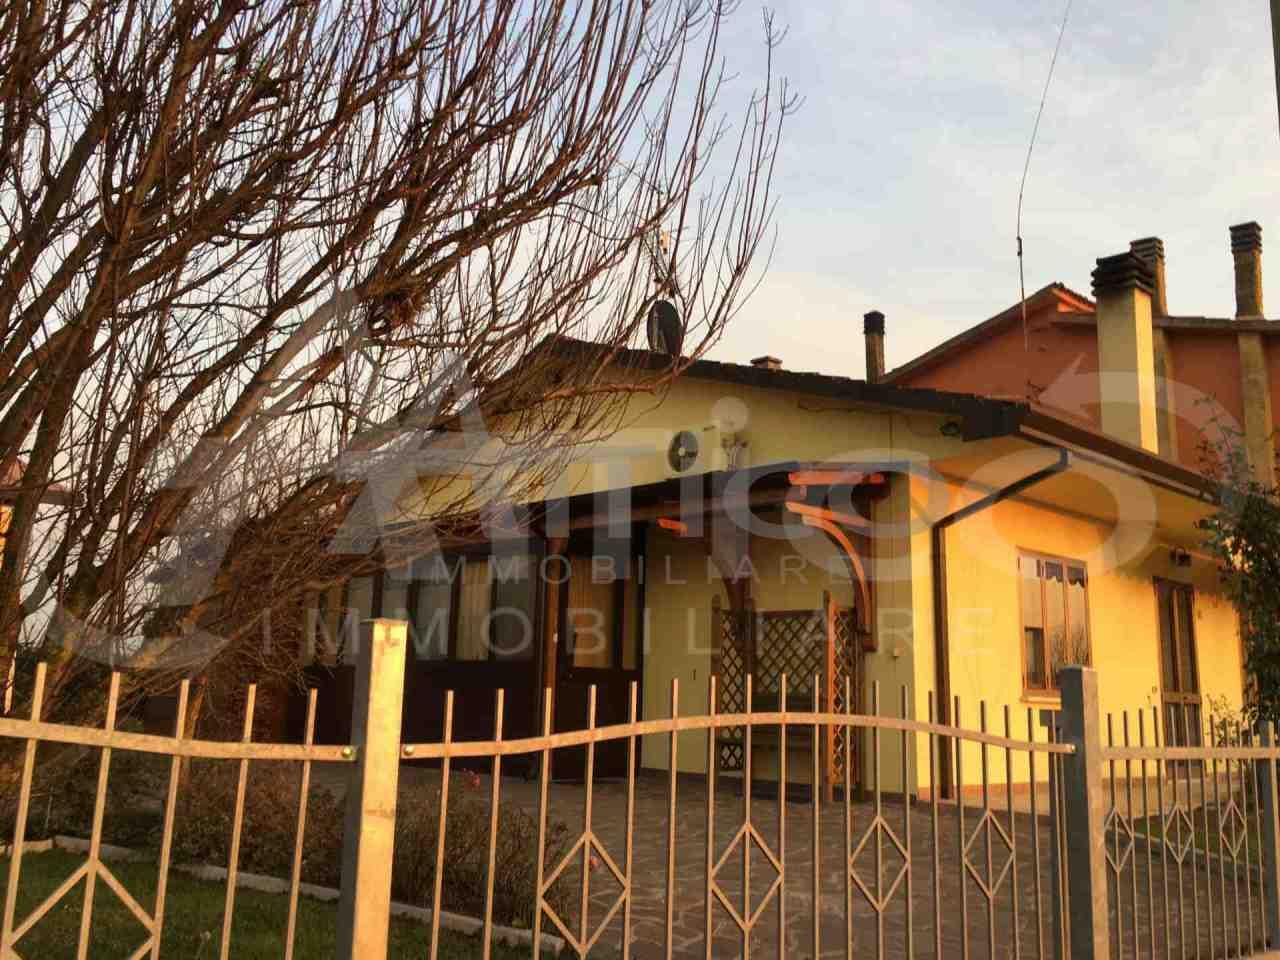 Villetta a schiera in vendita Rif. 4169744